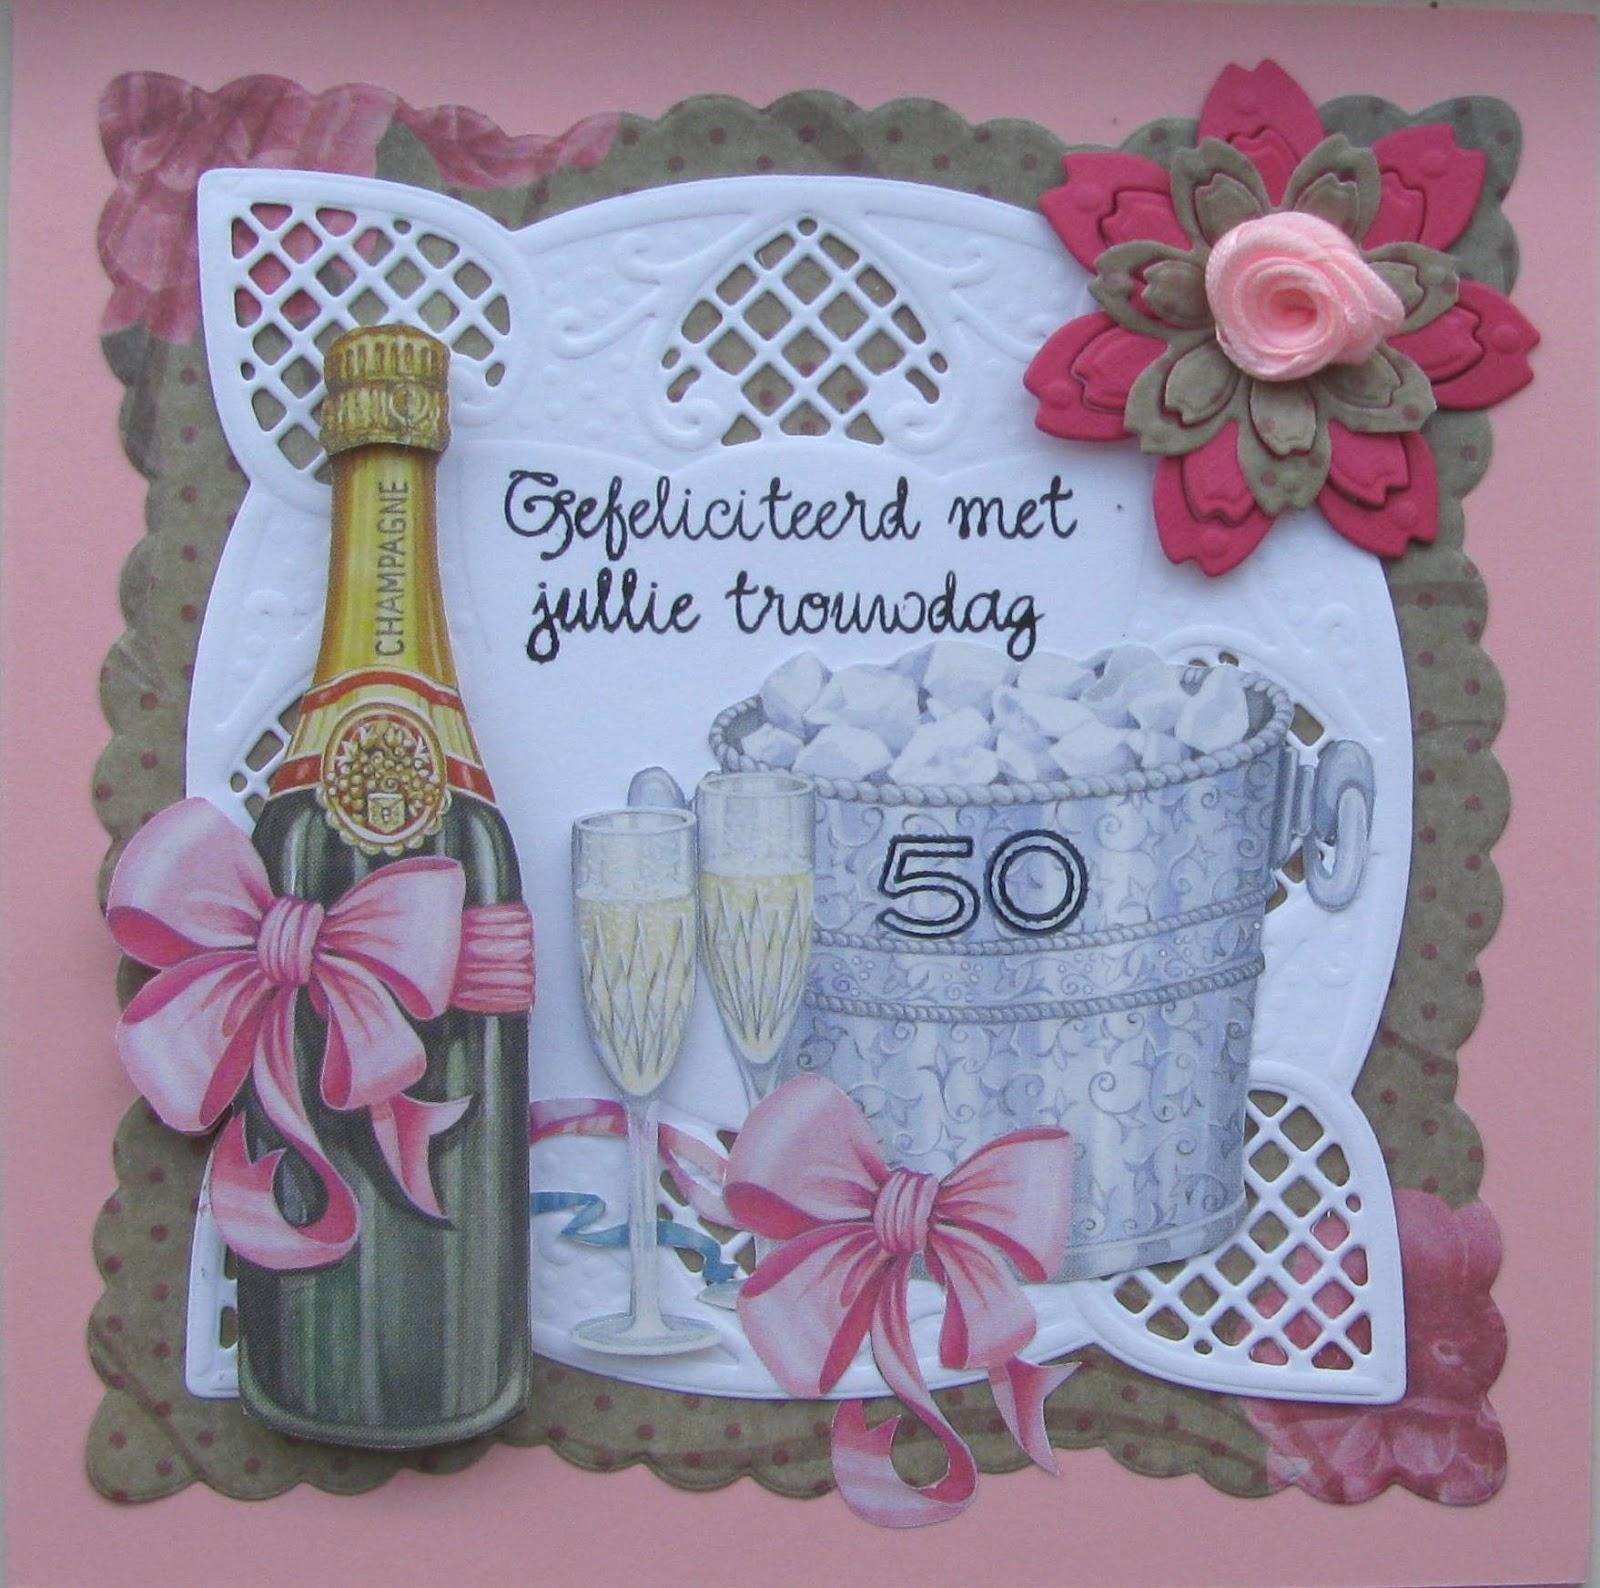 kaarten voor 50 jaar getrouwd Karla Krea: 50 jaar getrouwd kaarten voor 50 jaar getrouwd